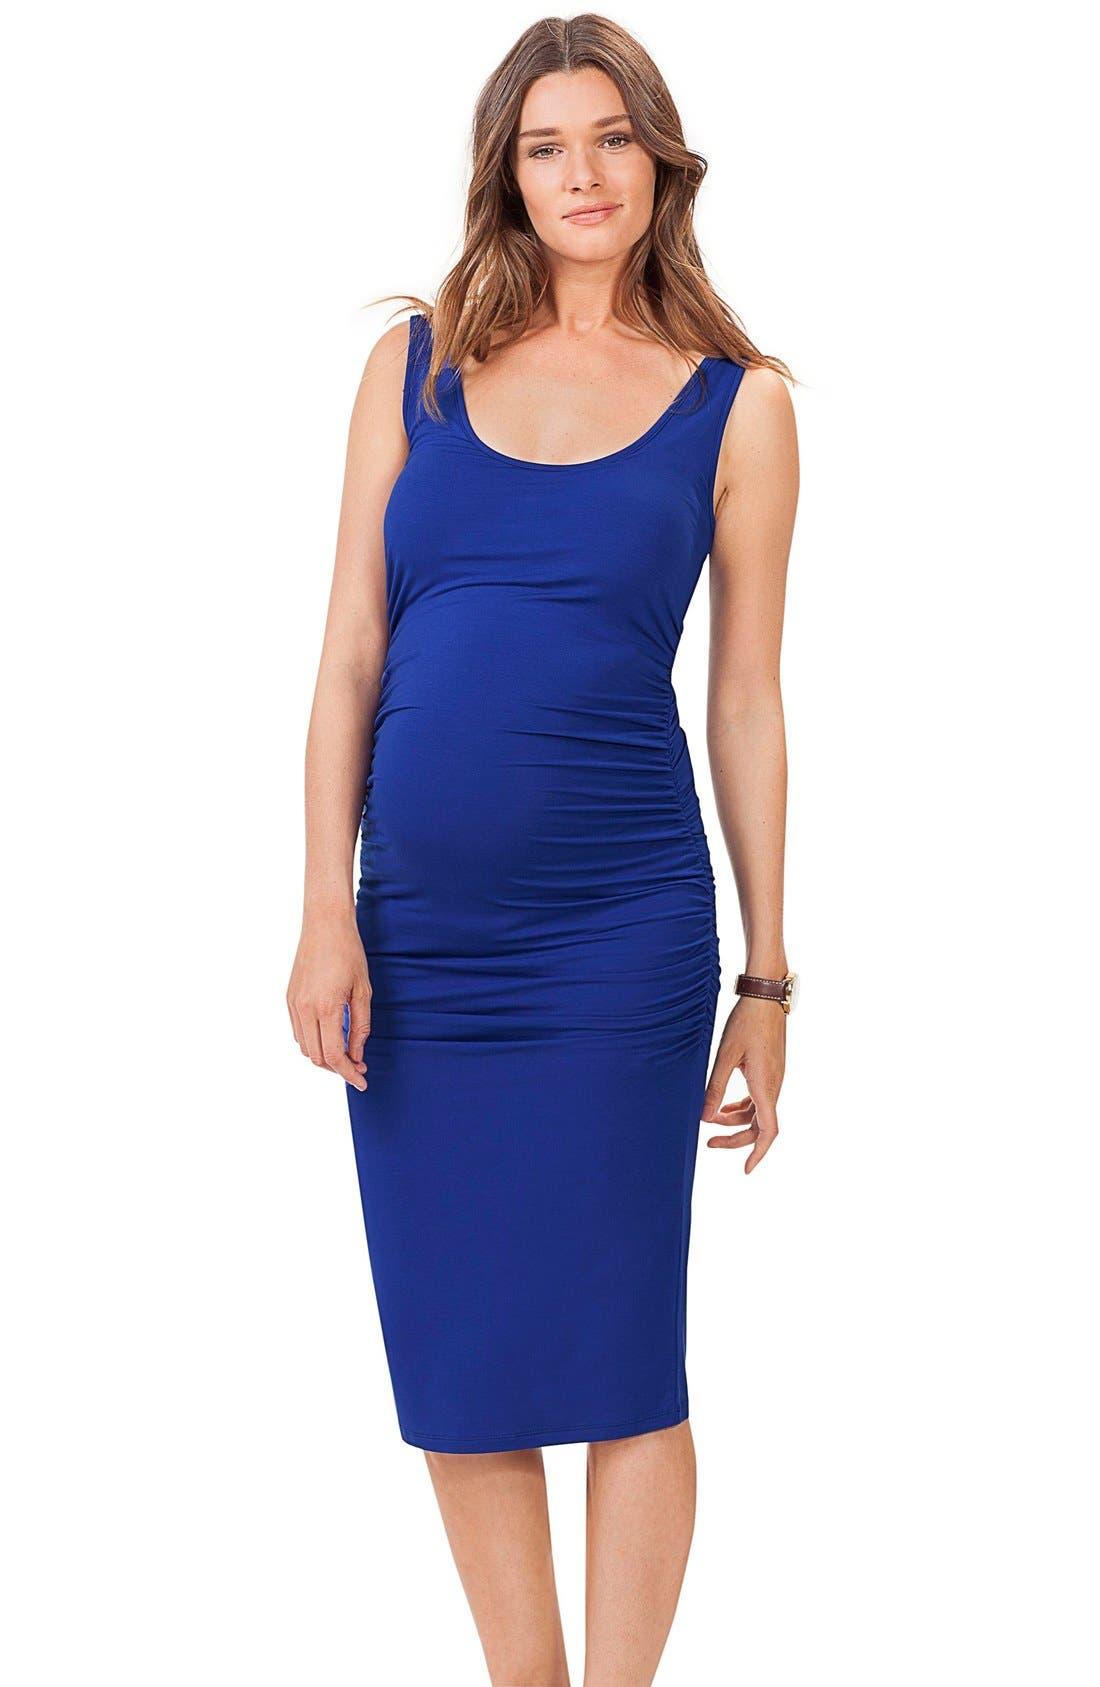 ISABELLA OLIVER 'Ellis' Side Ruched Maternity Tank Dress, Main, color, PERSIAN BLUEDNU